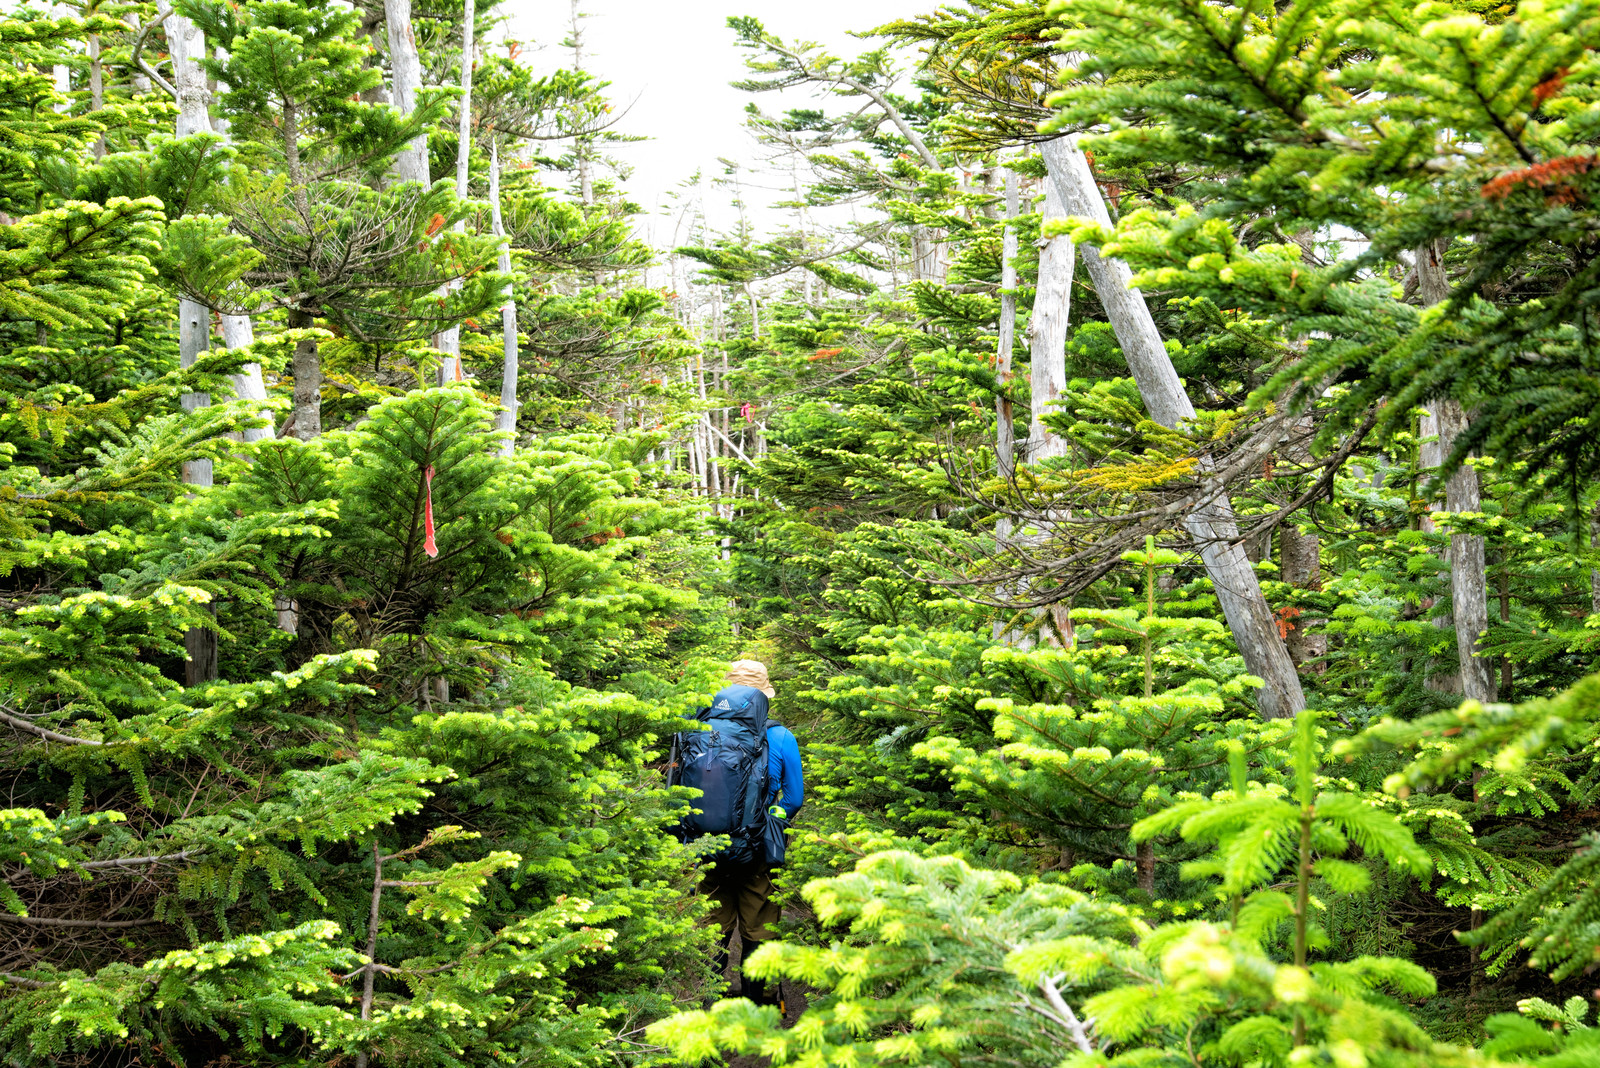 「北八ヶ岳の森を歩く登山者(八ヶ岳連峰)」の写真